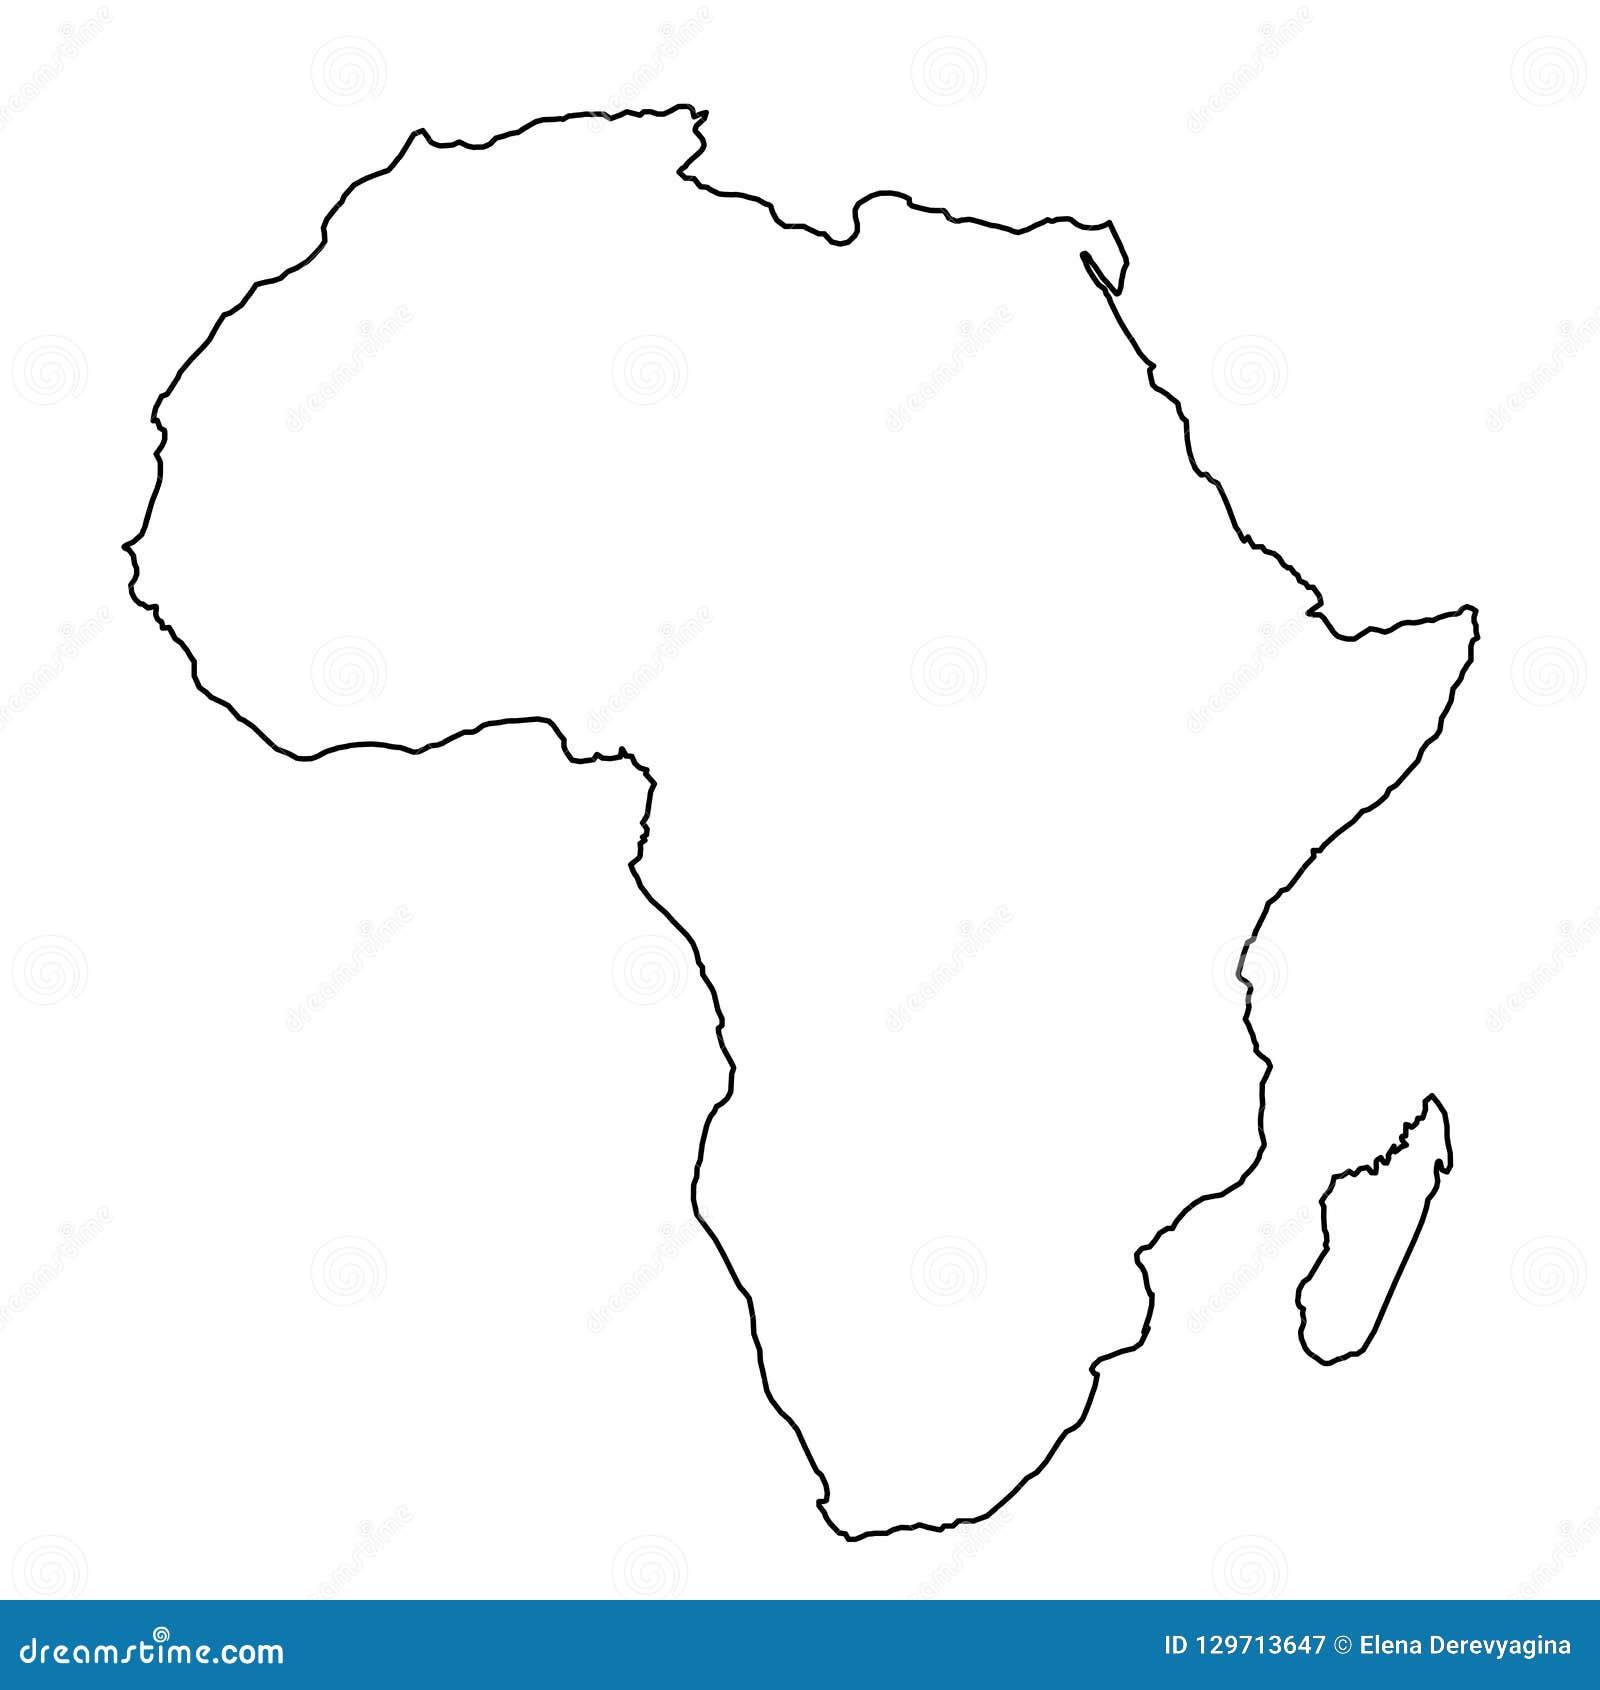 Mapa De Africa Vacio.Mapa De Africa De Lineas Negras De Las Curvas Del Contorno